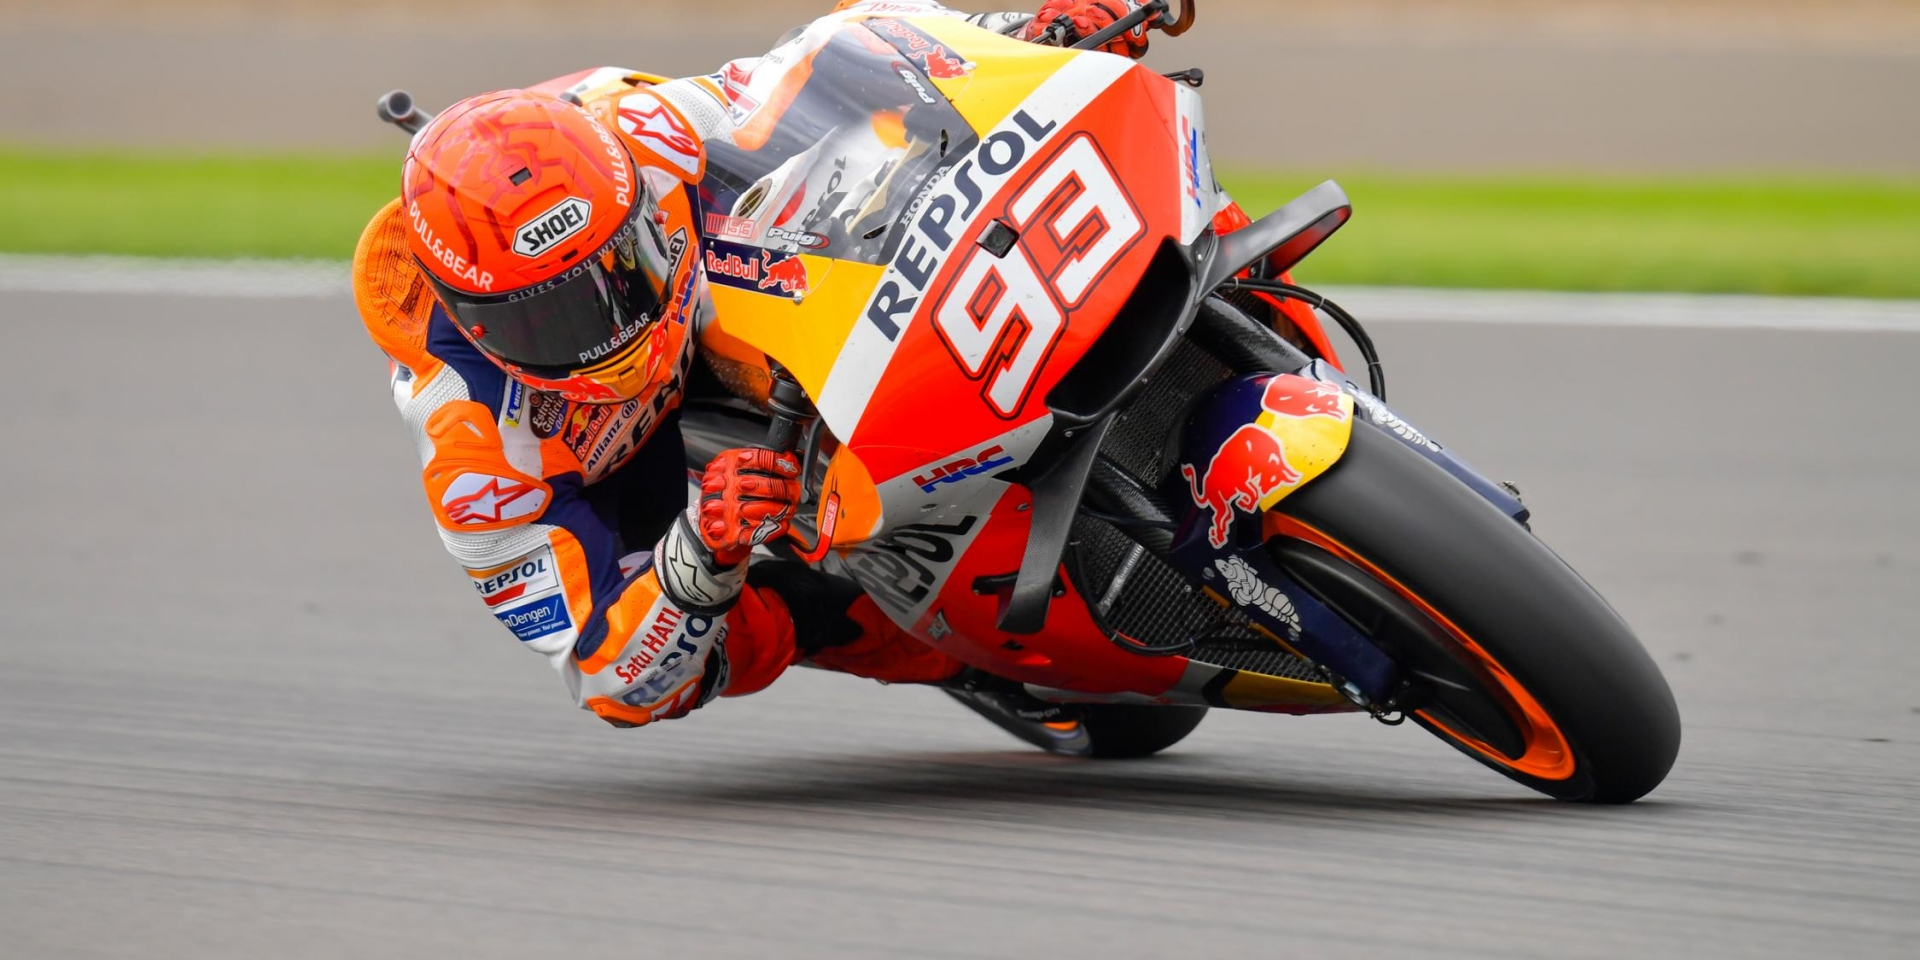 左彎多,逆時針起跑都是利多!Marc Marquez在Aragon賽道有好的機會拿下比賽!